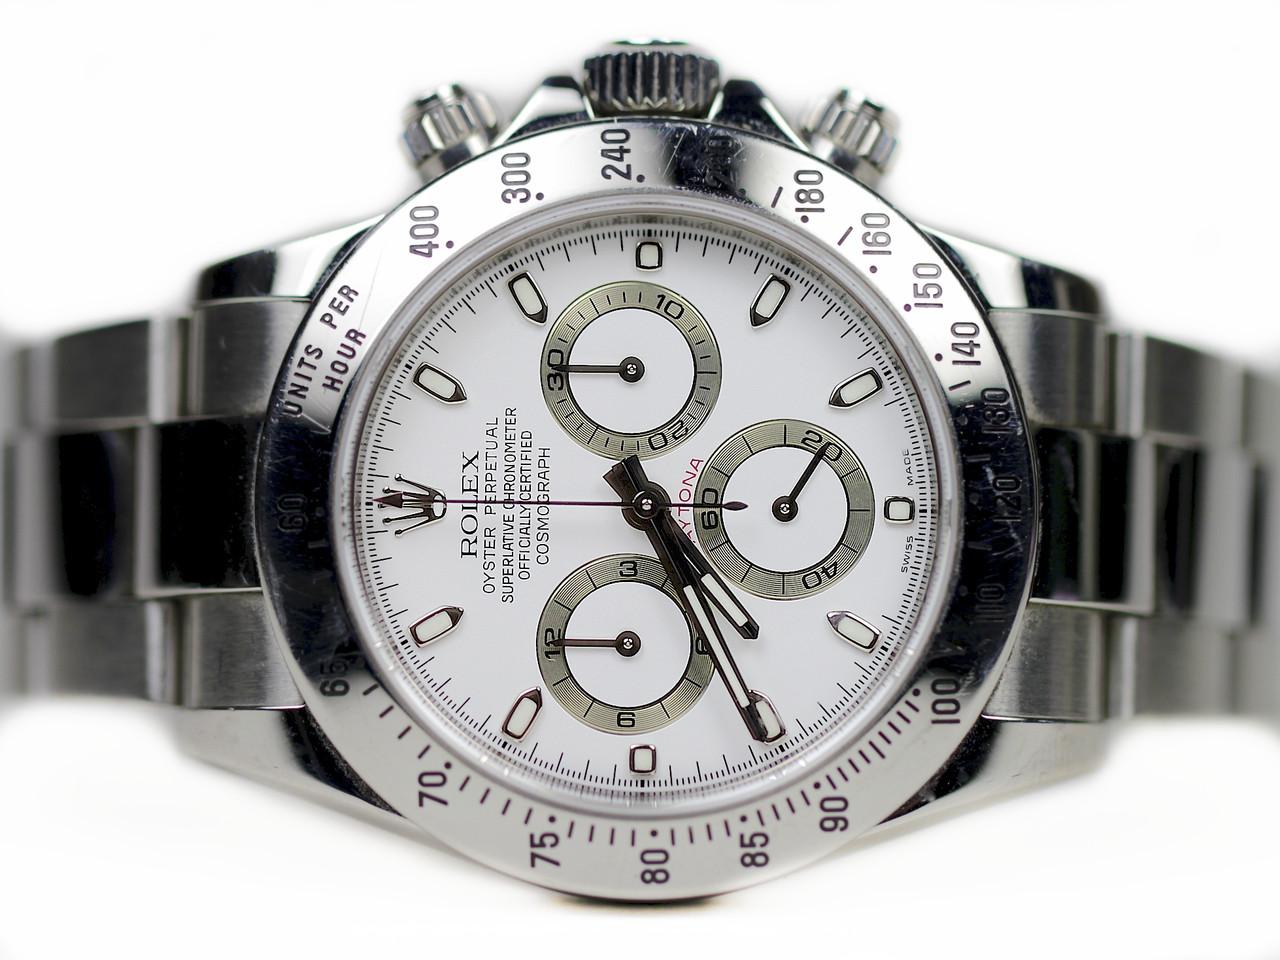 a08e5eb7164a4 Used Rolex Daytona Prices - cheap watches mgc-gas.com